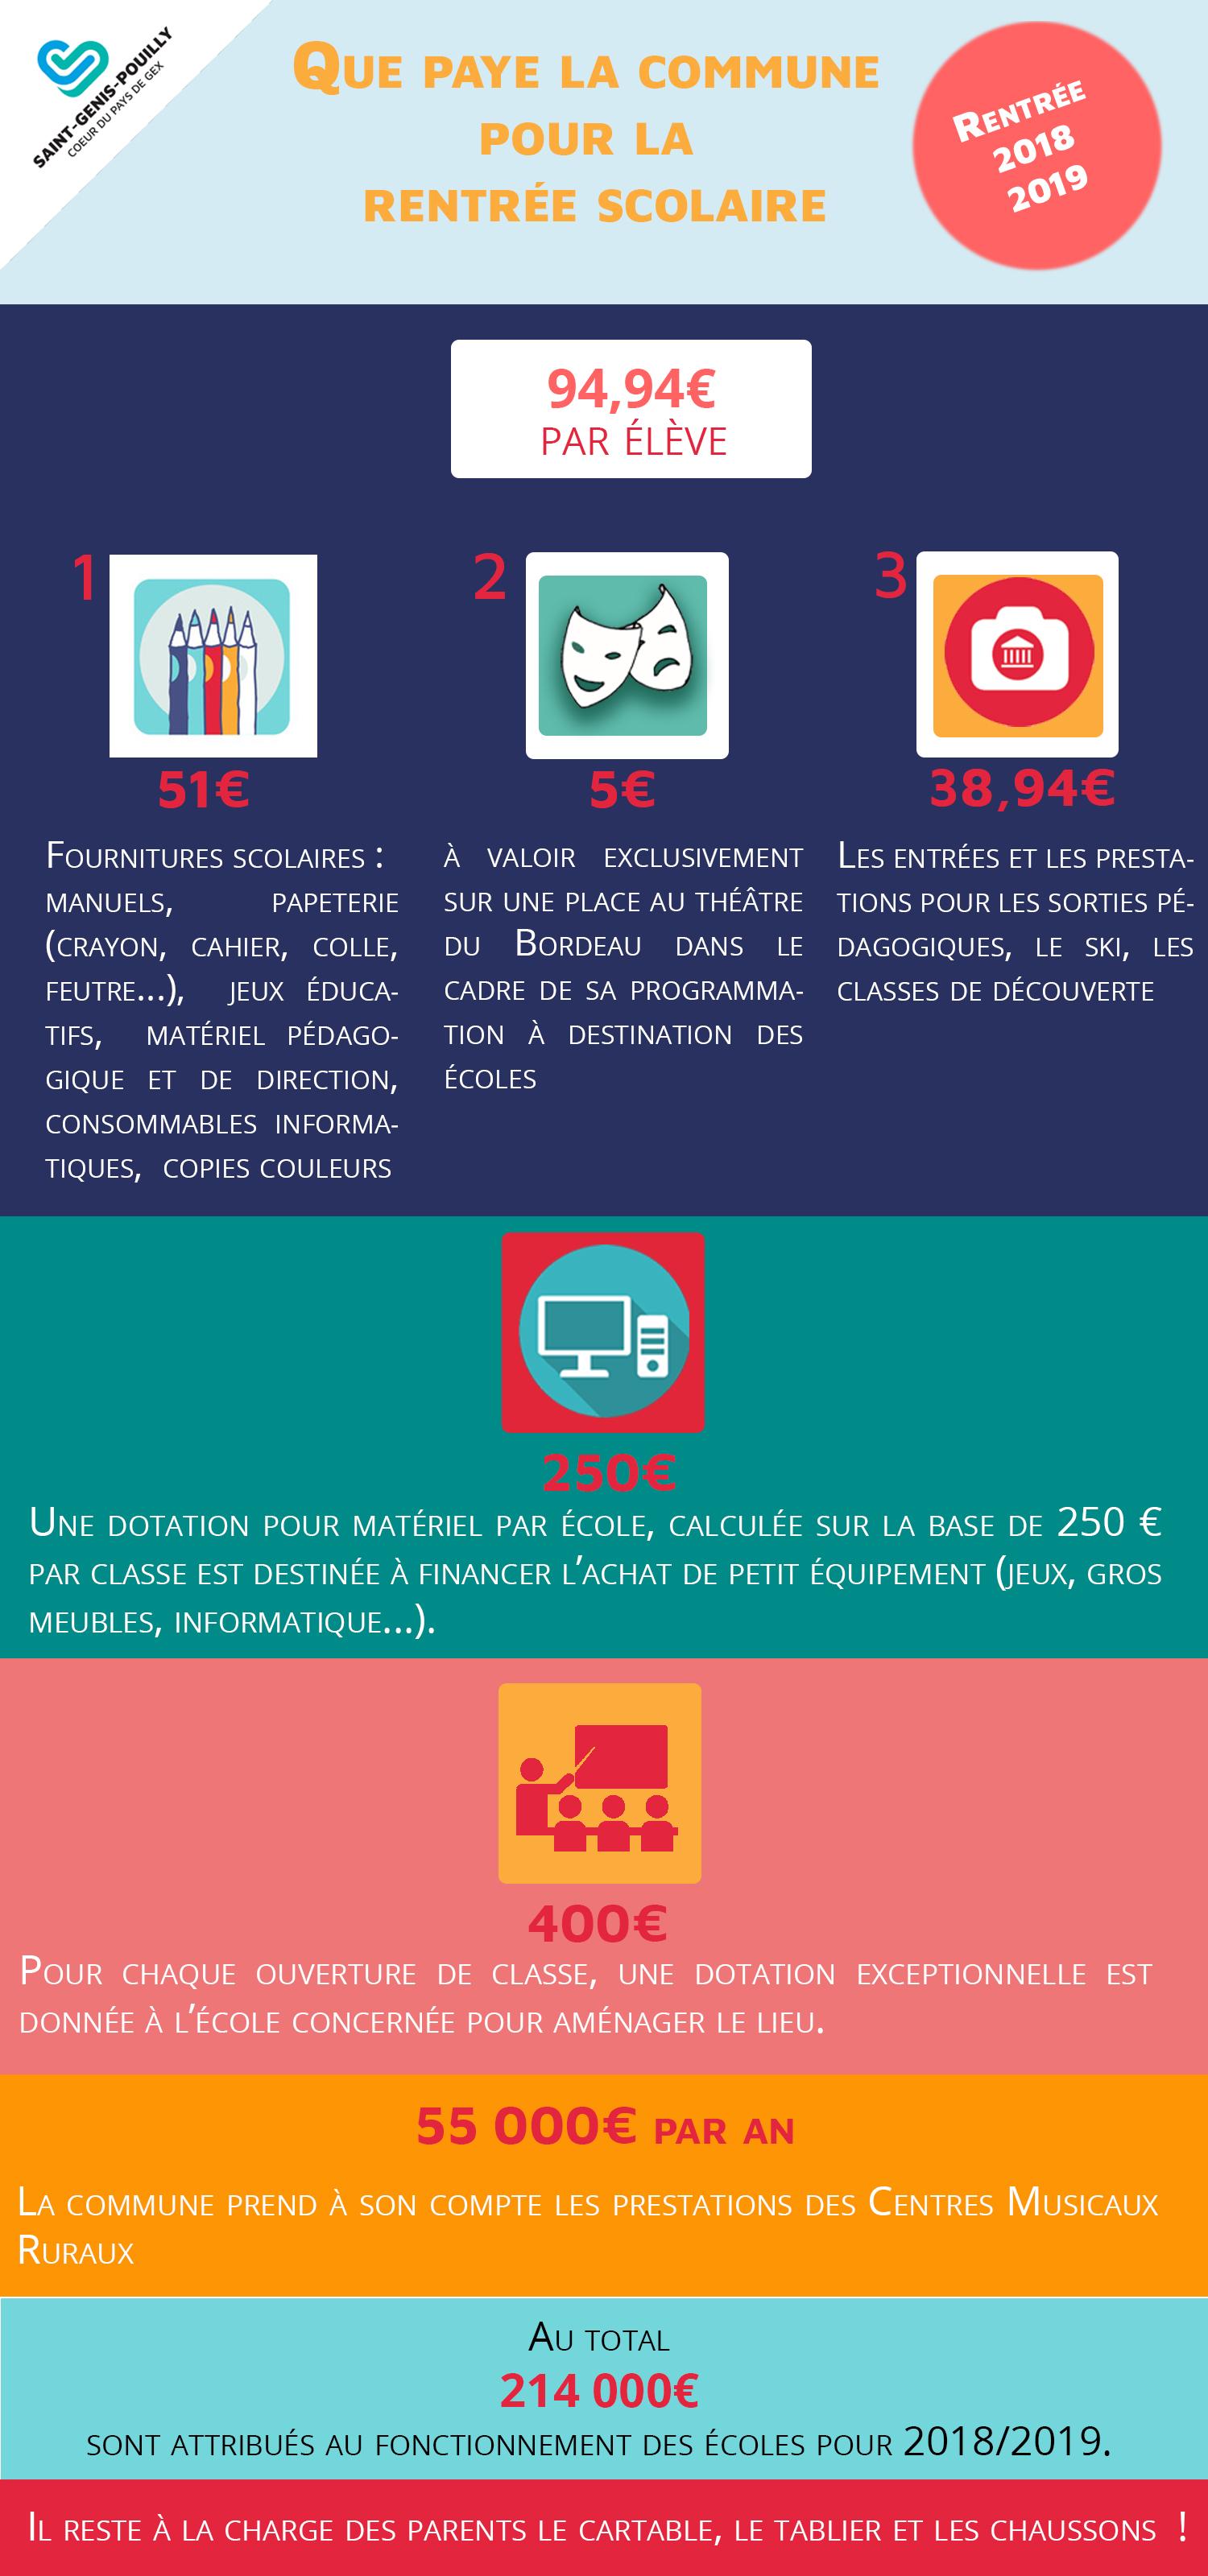 que_paye_la_commune_pour_la_rentree_scolaire.jpg